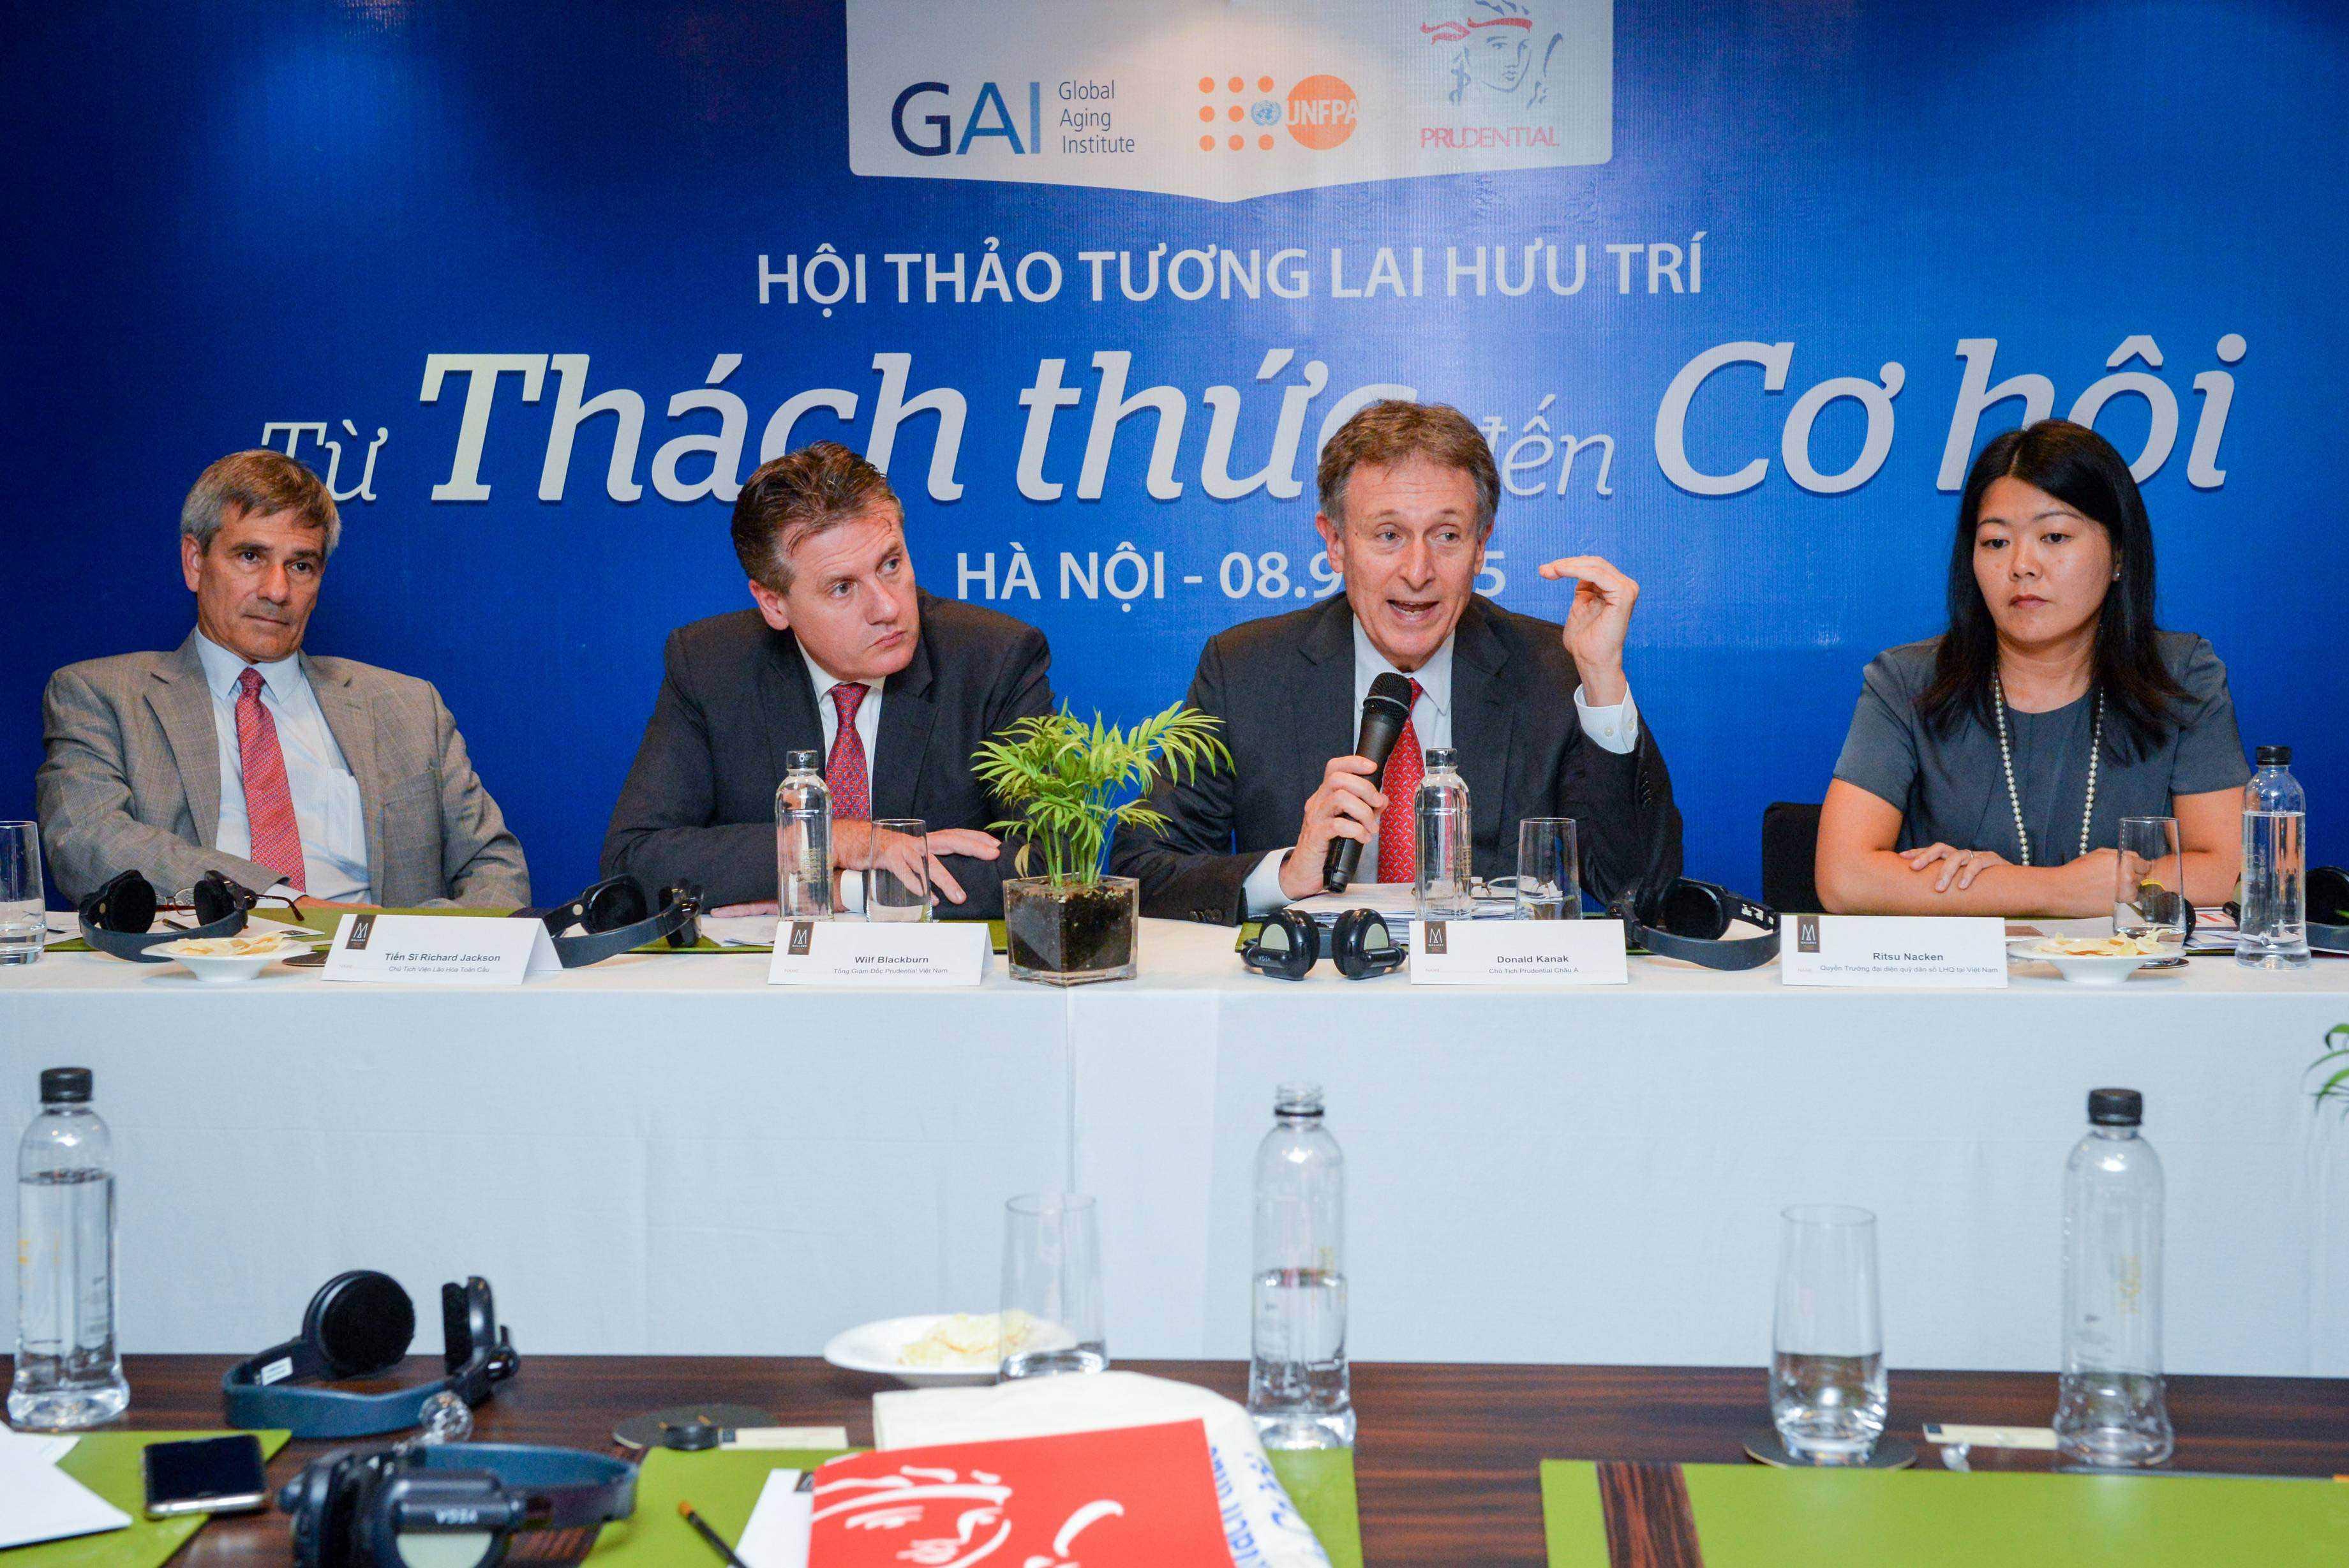 Lương hưu không đủ sống: 95% người Việt Nam lo lắng